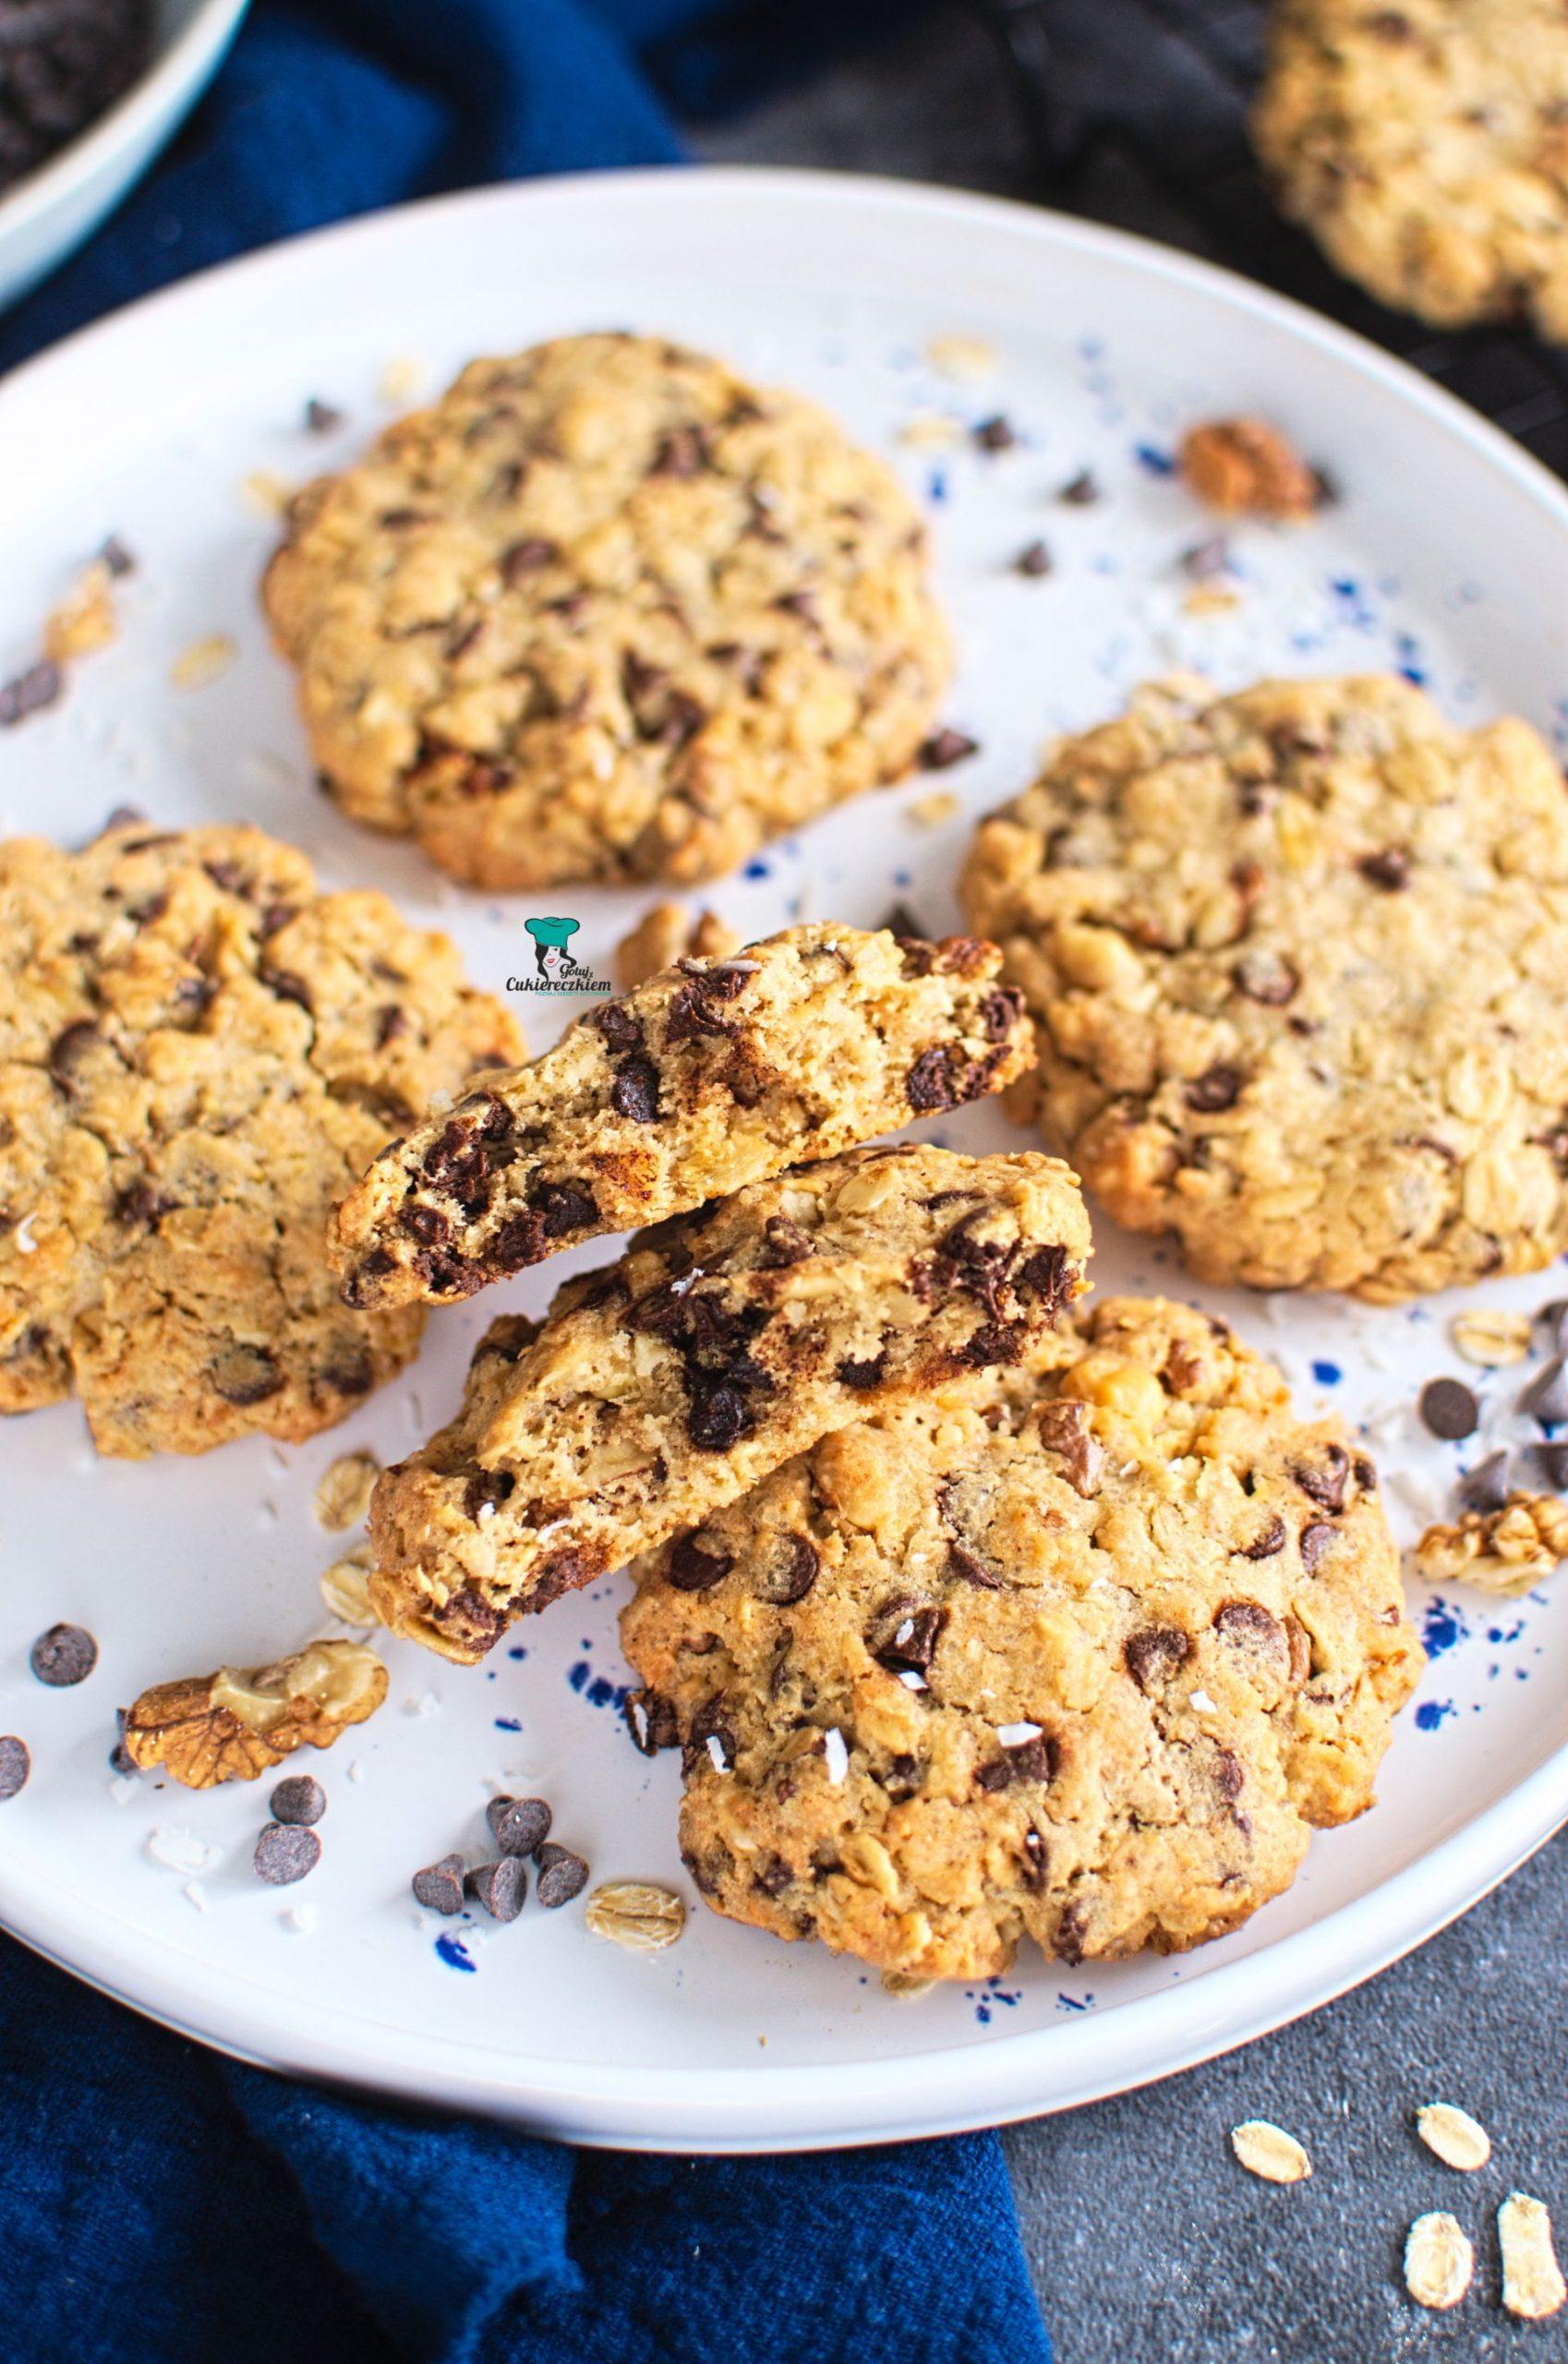 Ciastka kowbojskie (cowboy cookies)